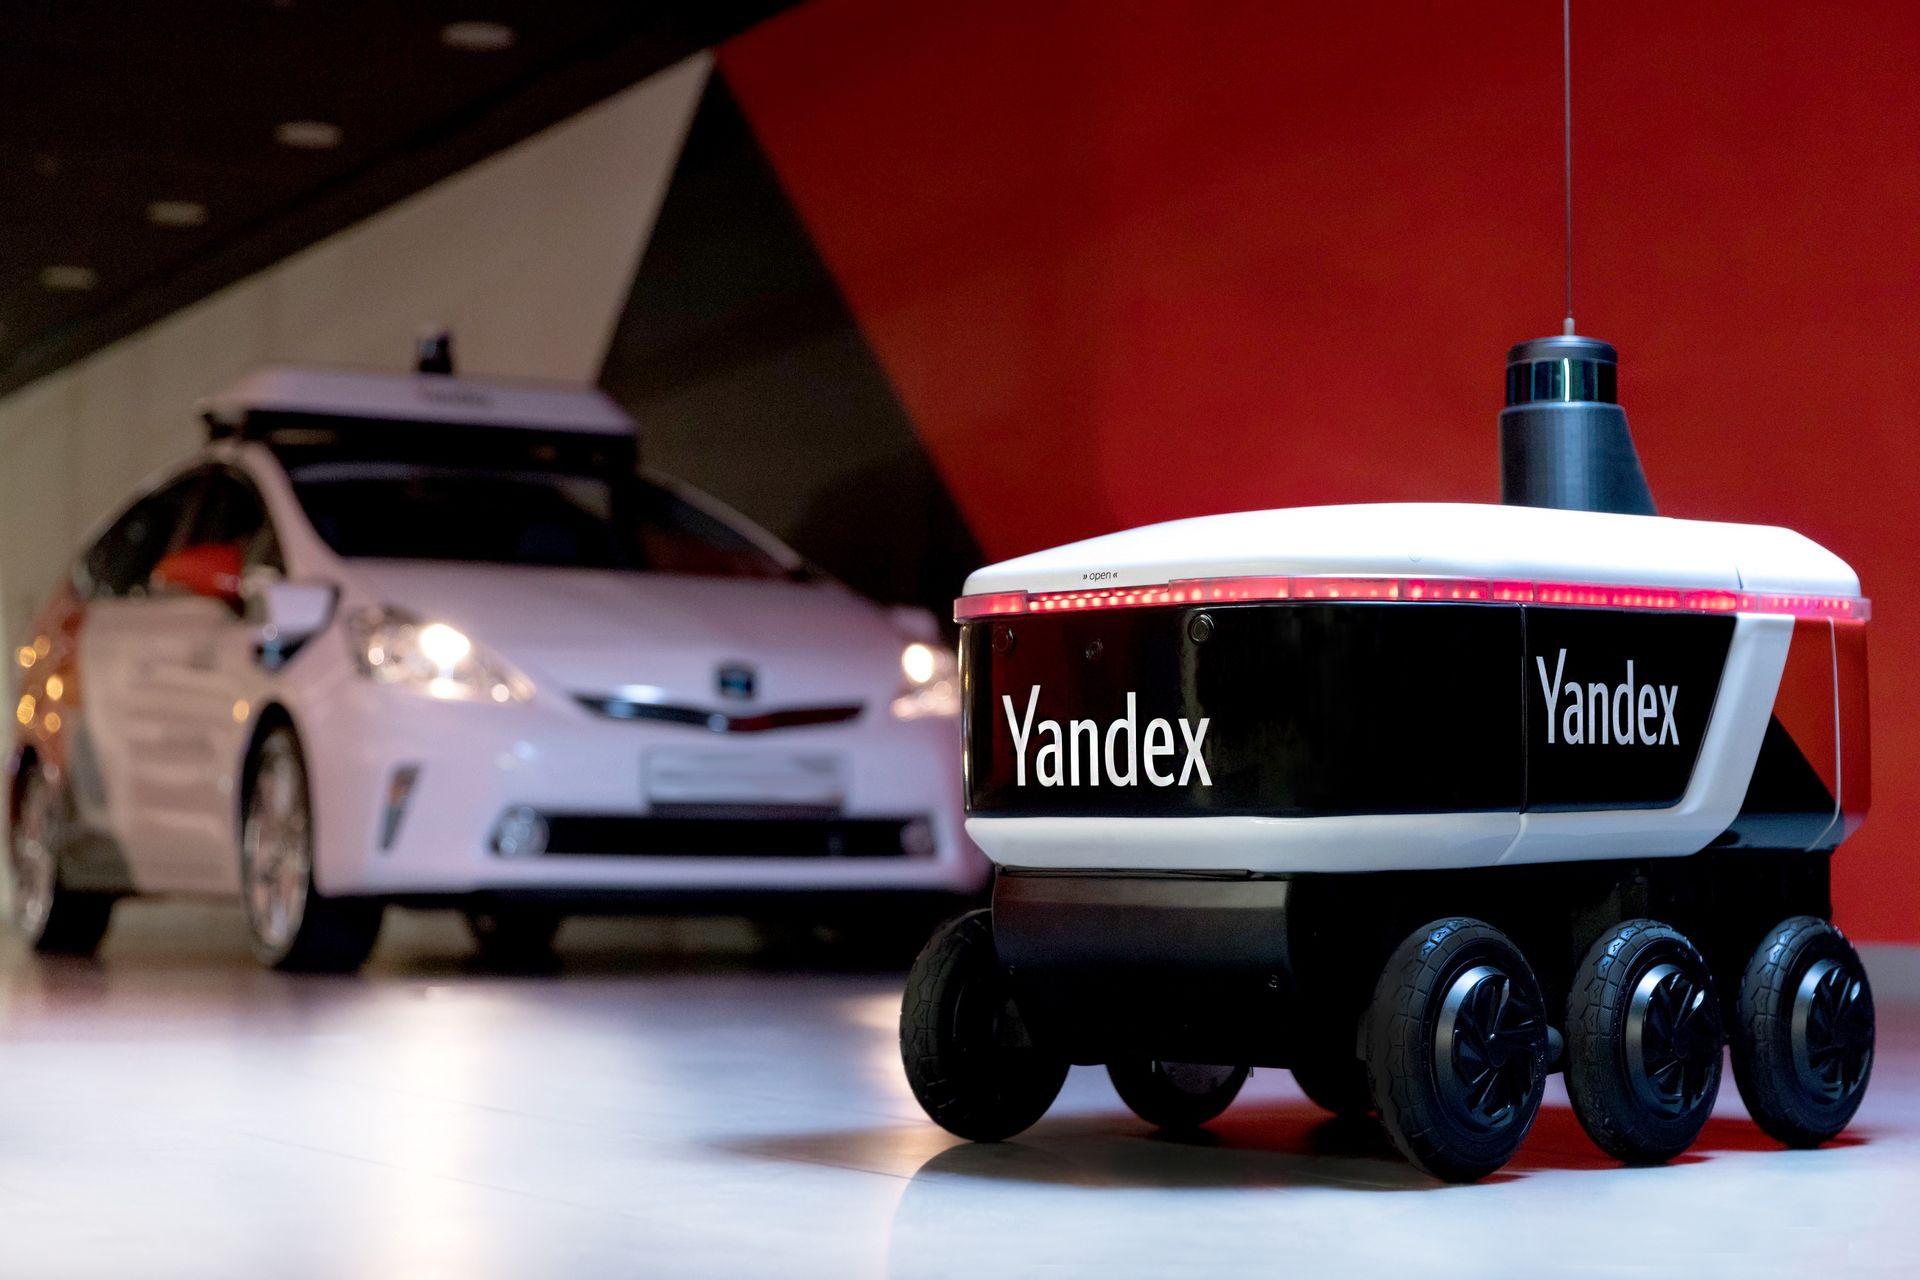 Yandex visar upp budroboten Yandex.Rover